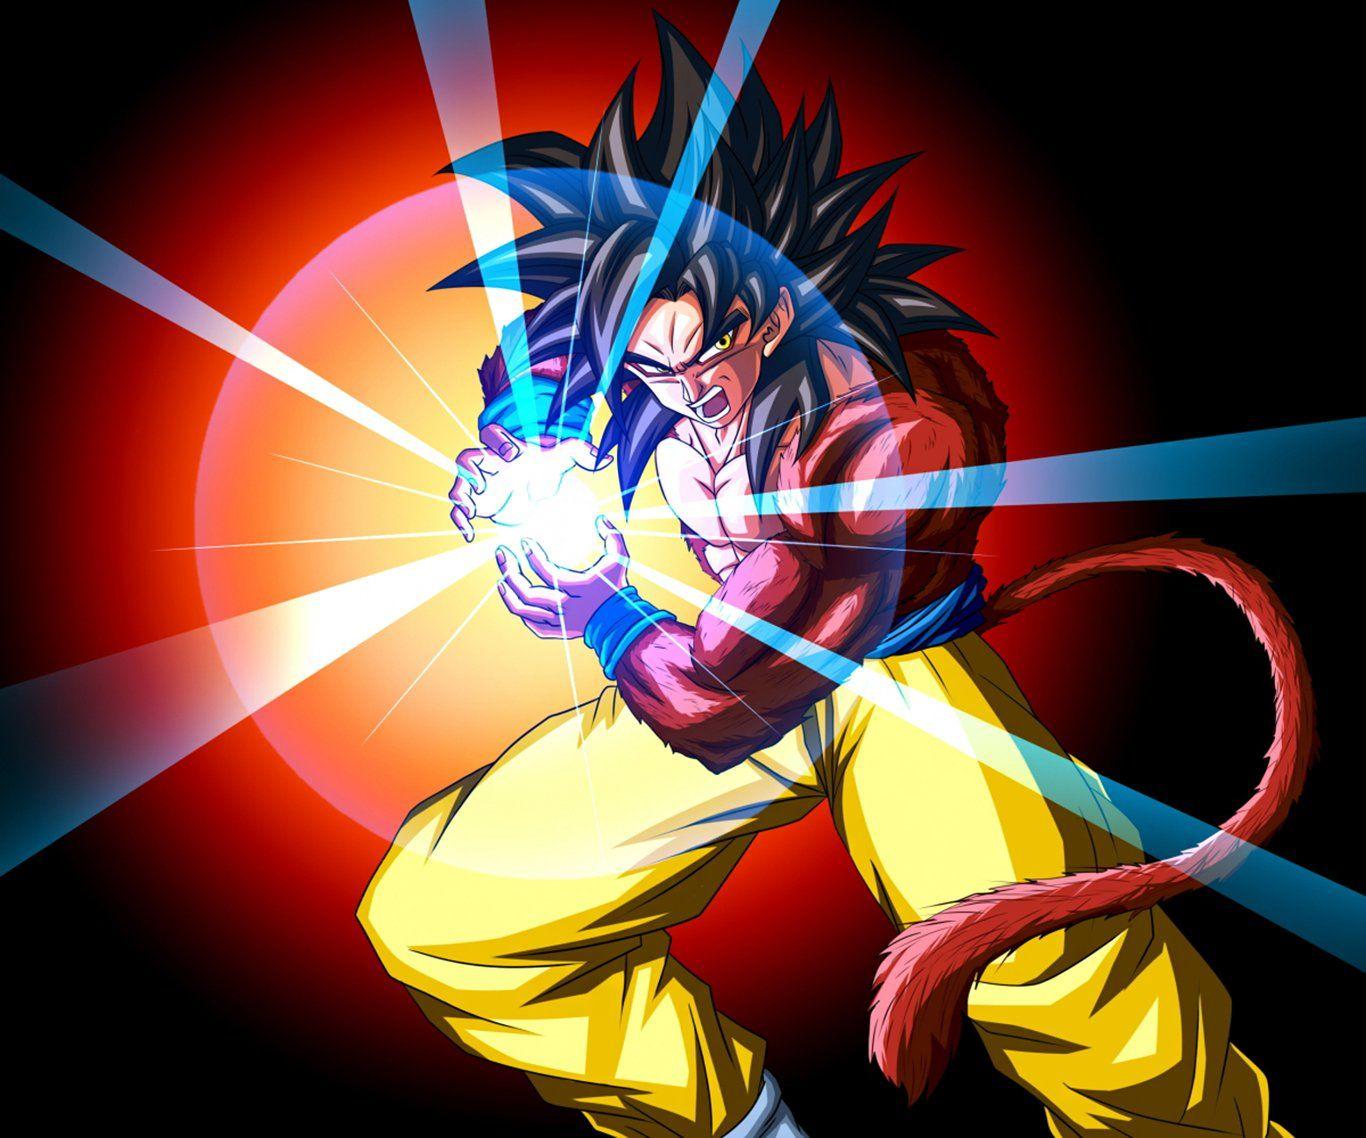 Anime Dragon Ball GT Dragon Ball Super Goku Super Saiyan 4